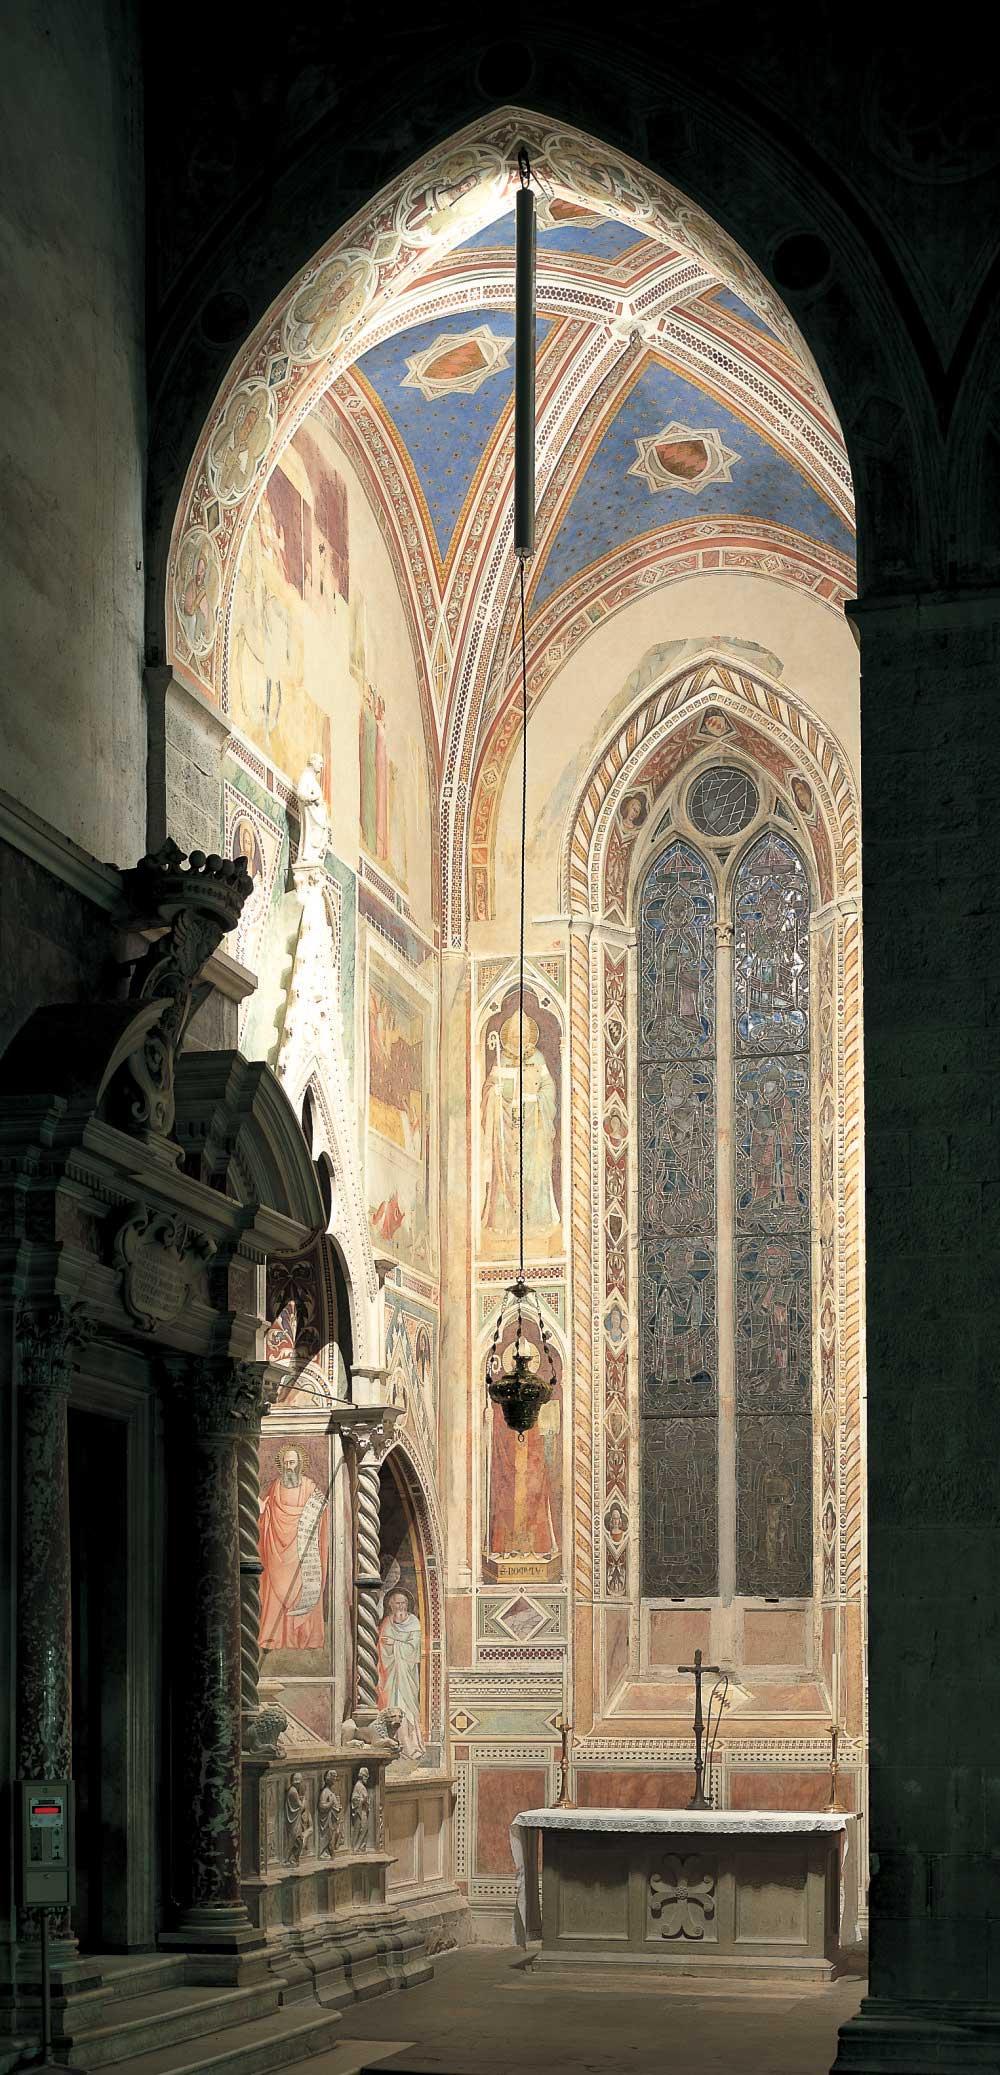 Progetto illuminazioneCappella de' Bardi, Firenze